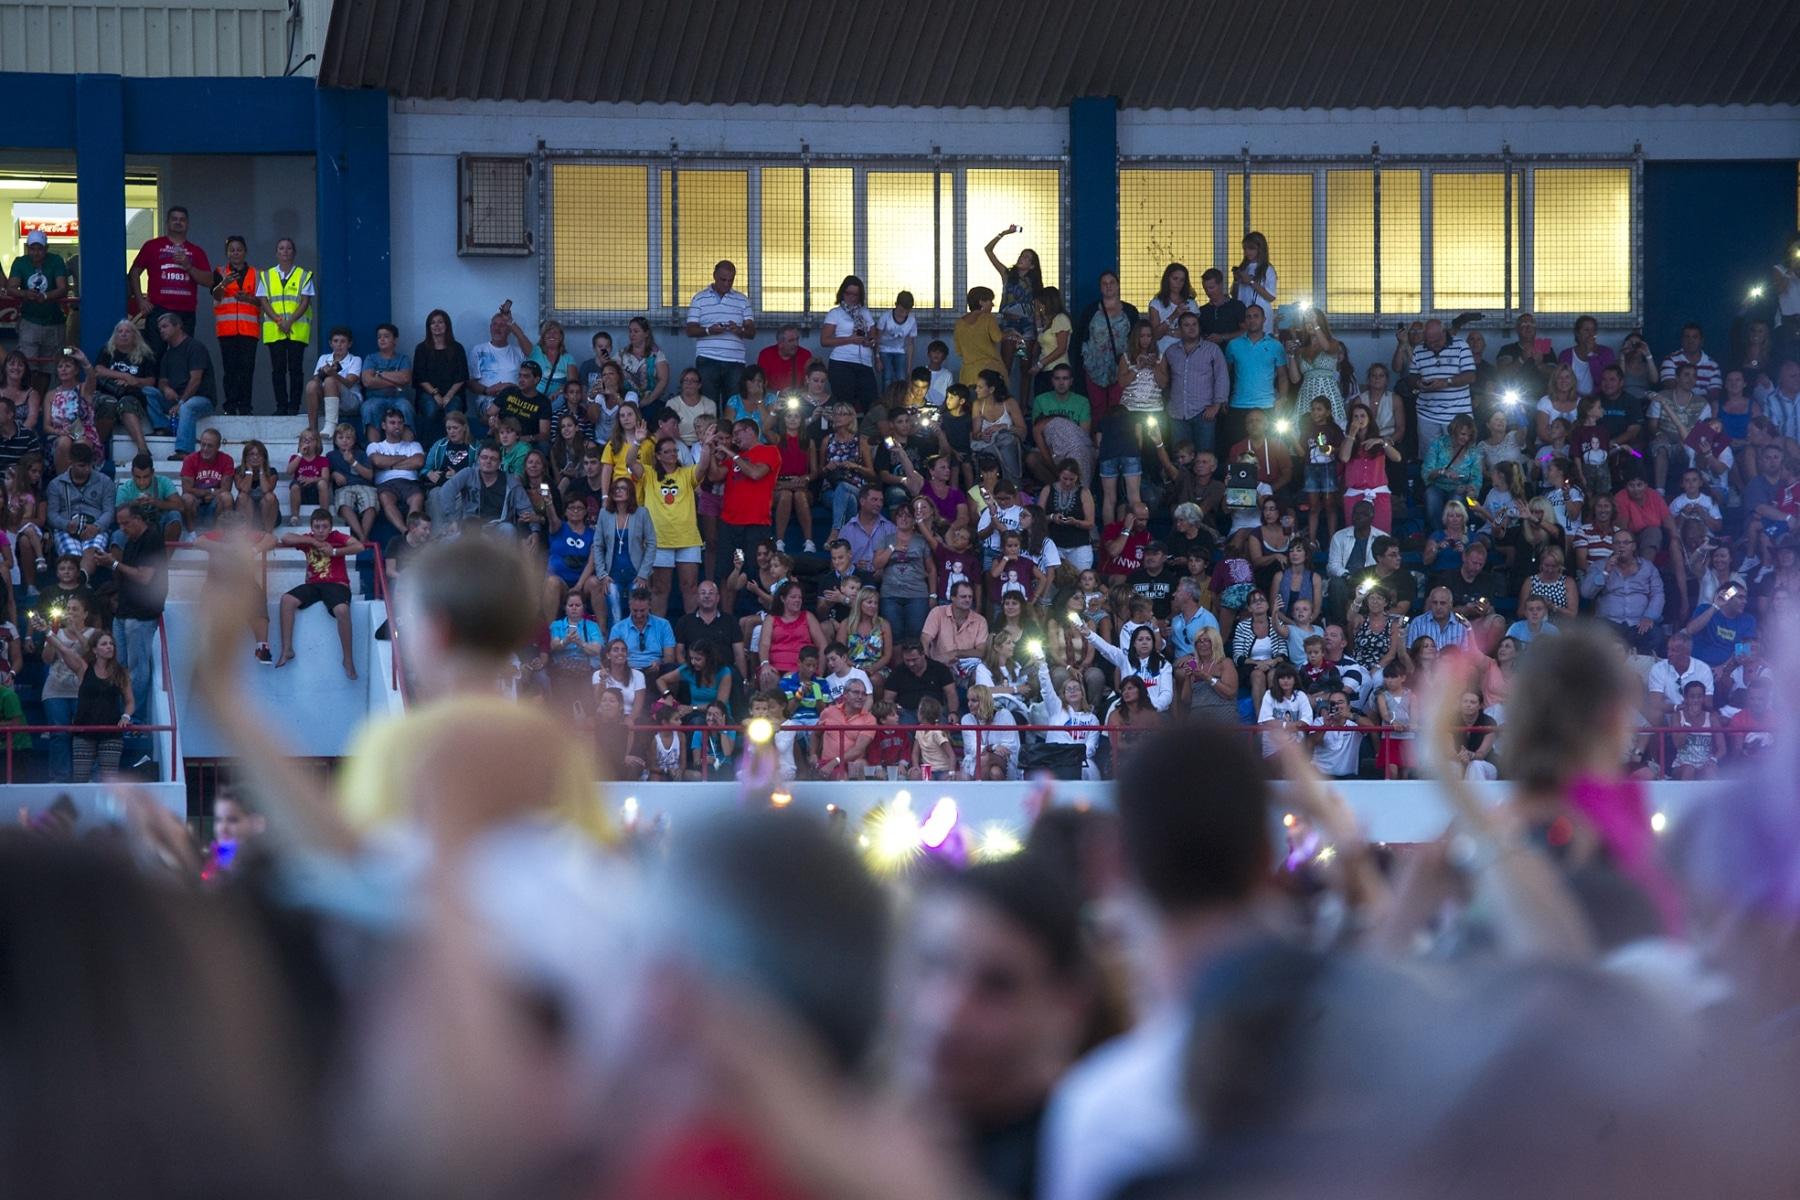 gibraltar-music-festival-2013-publico-y-ambiente_9699823795_o